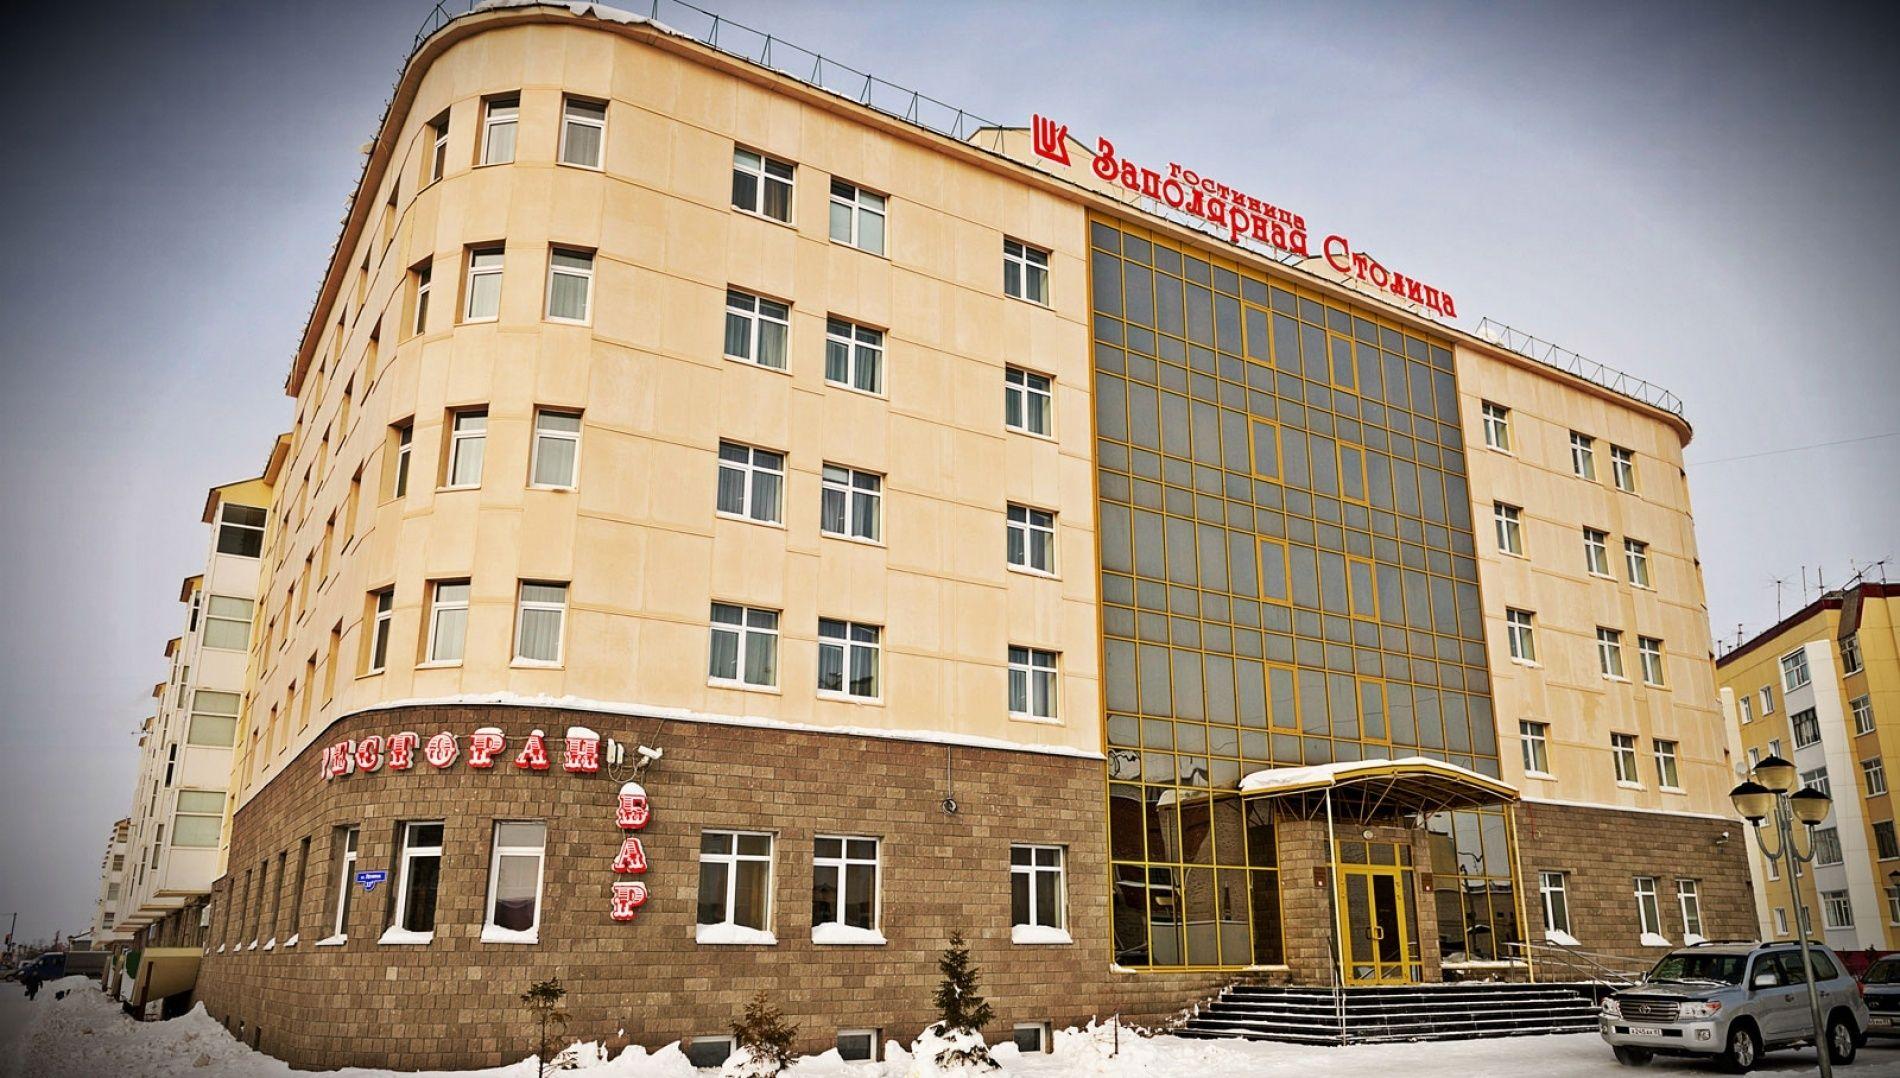 """Гостиница """"Заполярная столица"""" Ненецкий автономный округ, фото 1"""